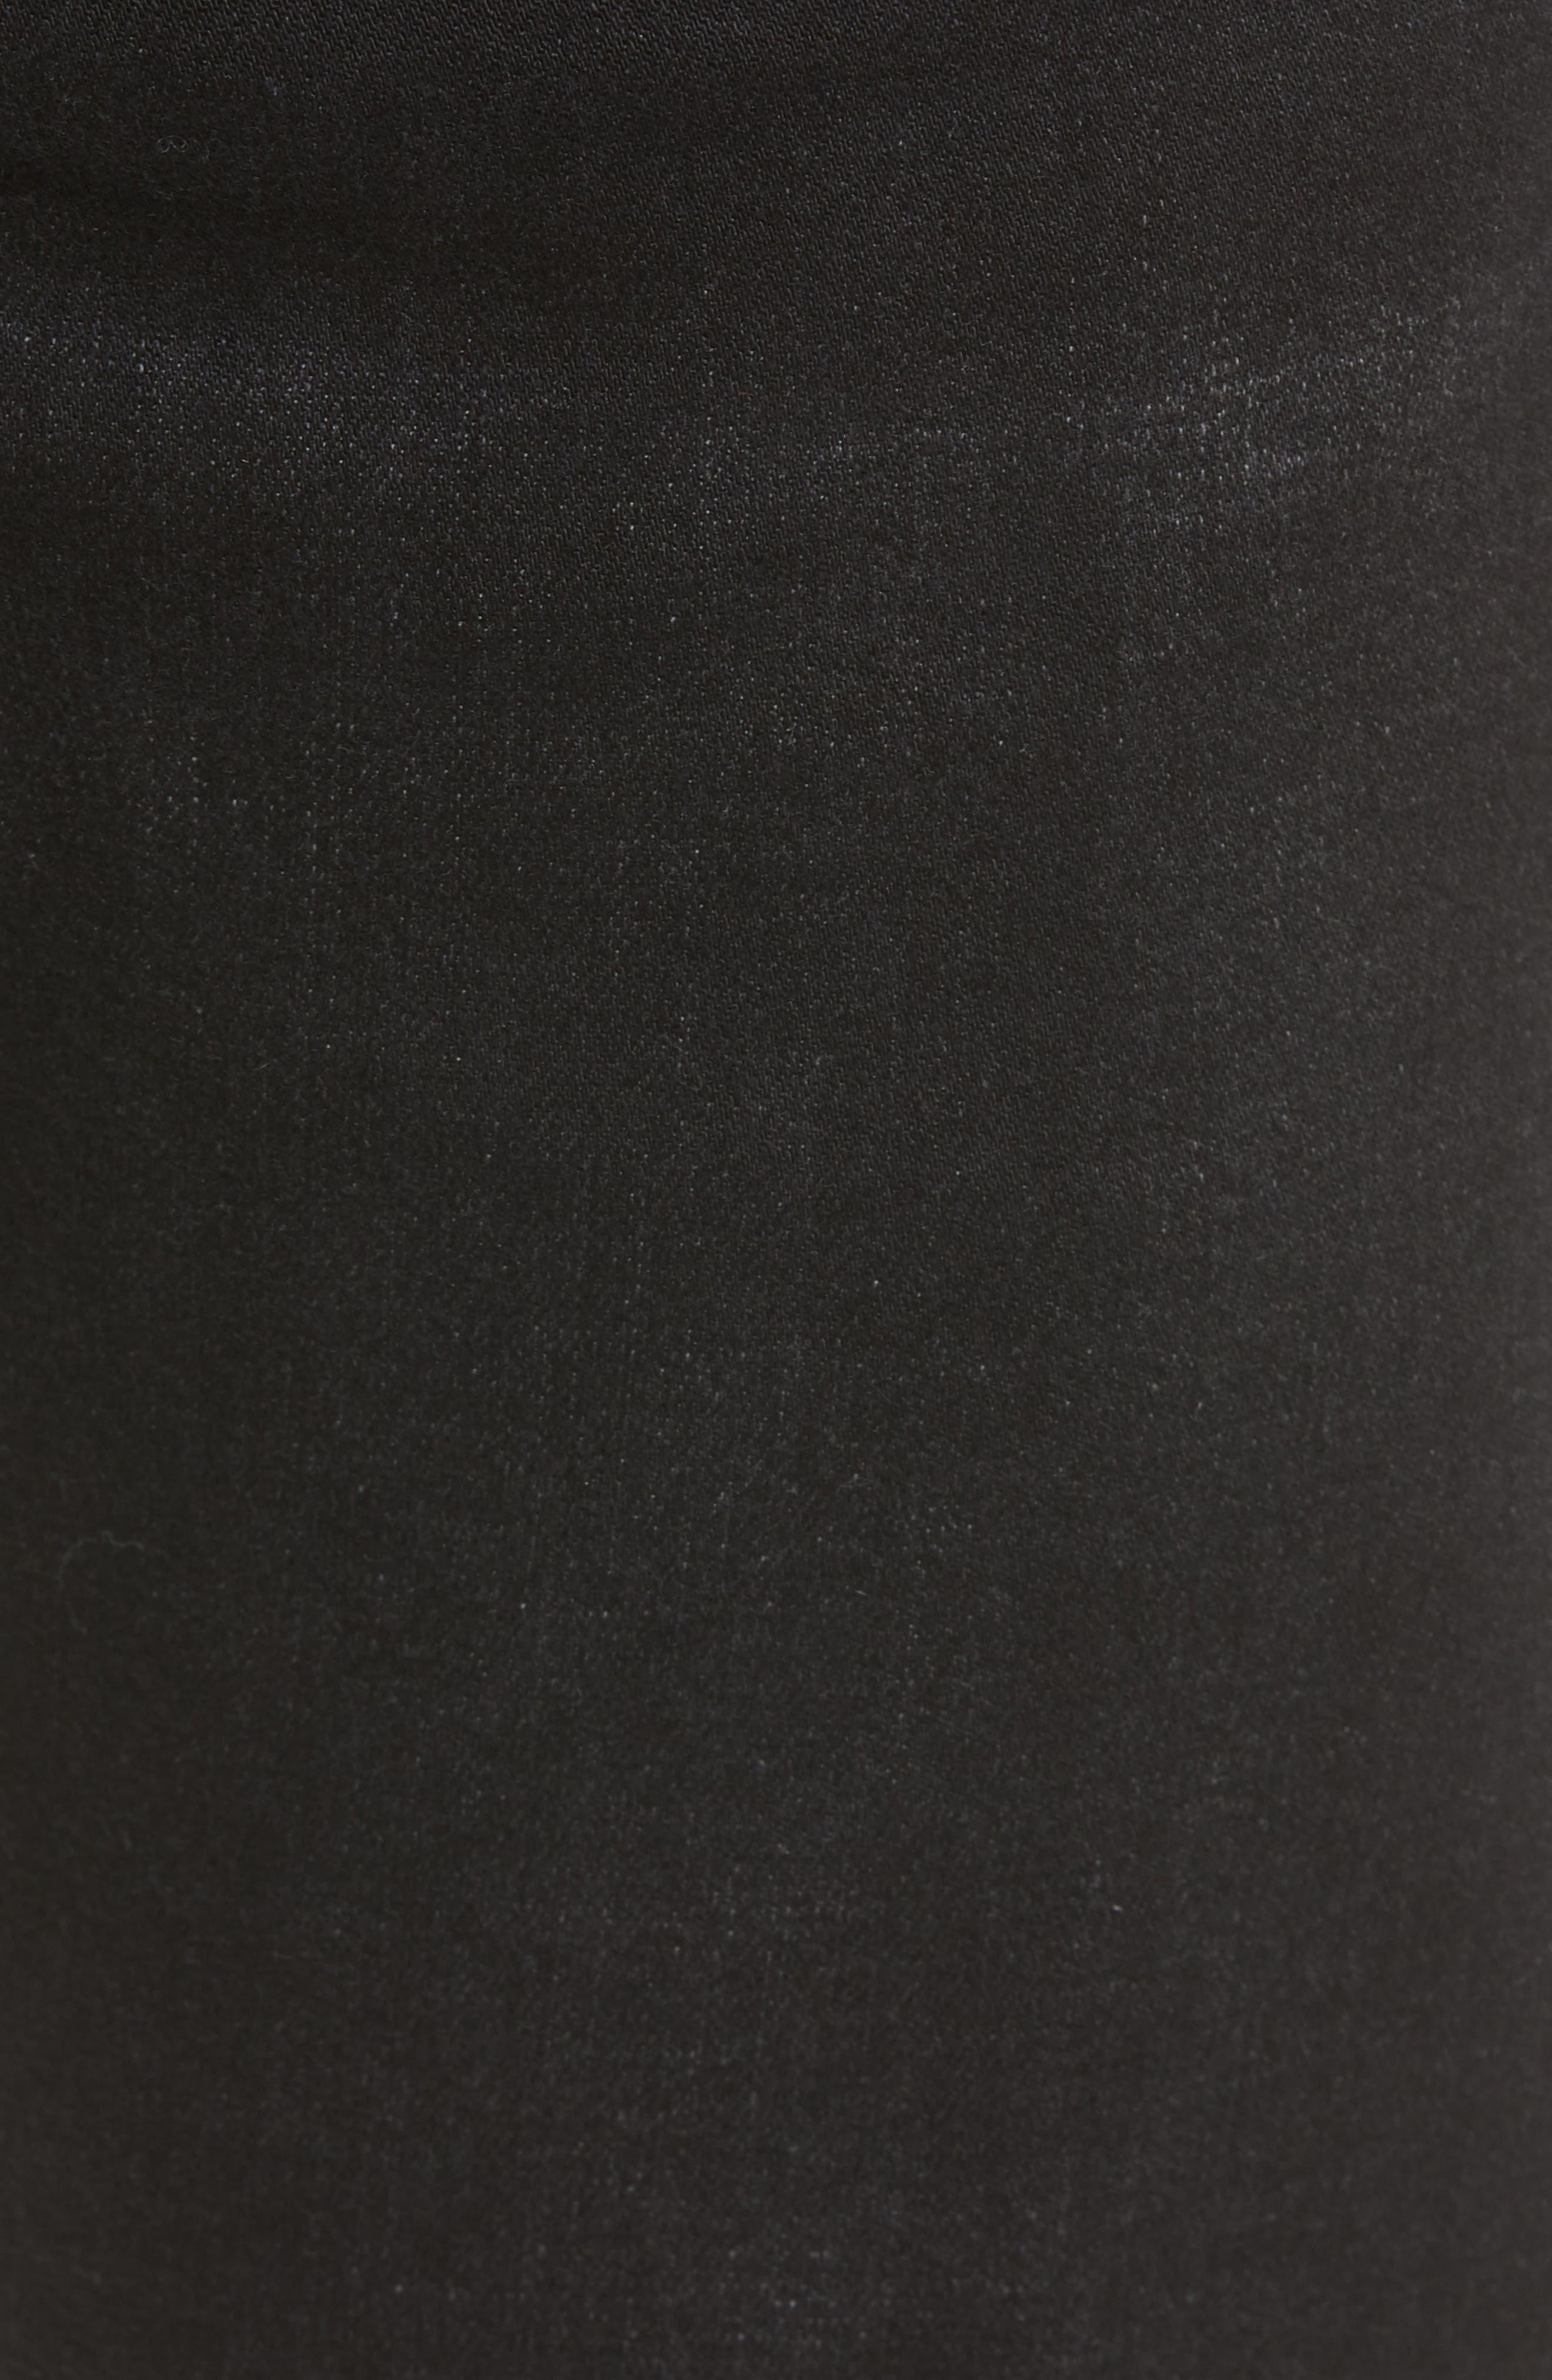 Kingston Slim Straight Leg Jeans,                             Alternate thumbnail 5, color,                             BULLET DARK